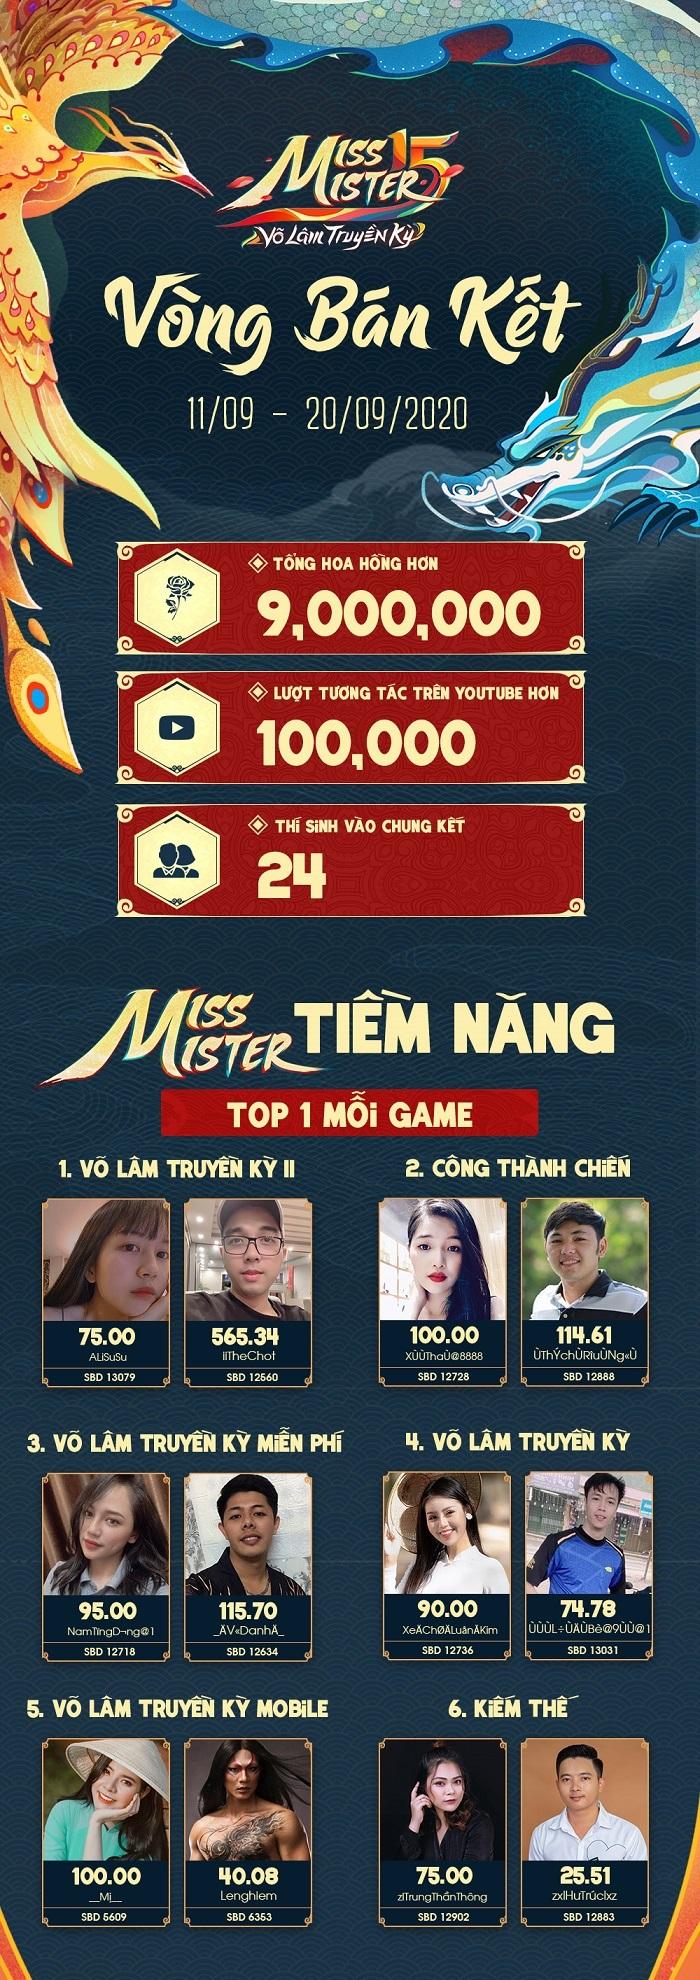 Miss & Mister VLTK 15: Hơn 9 triệu Hoa Hồng được trao và gần 100,000 lượt tương tác trên kênh Youtube 0